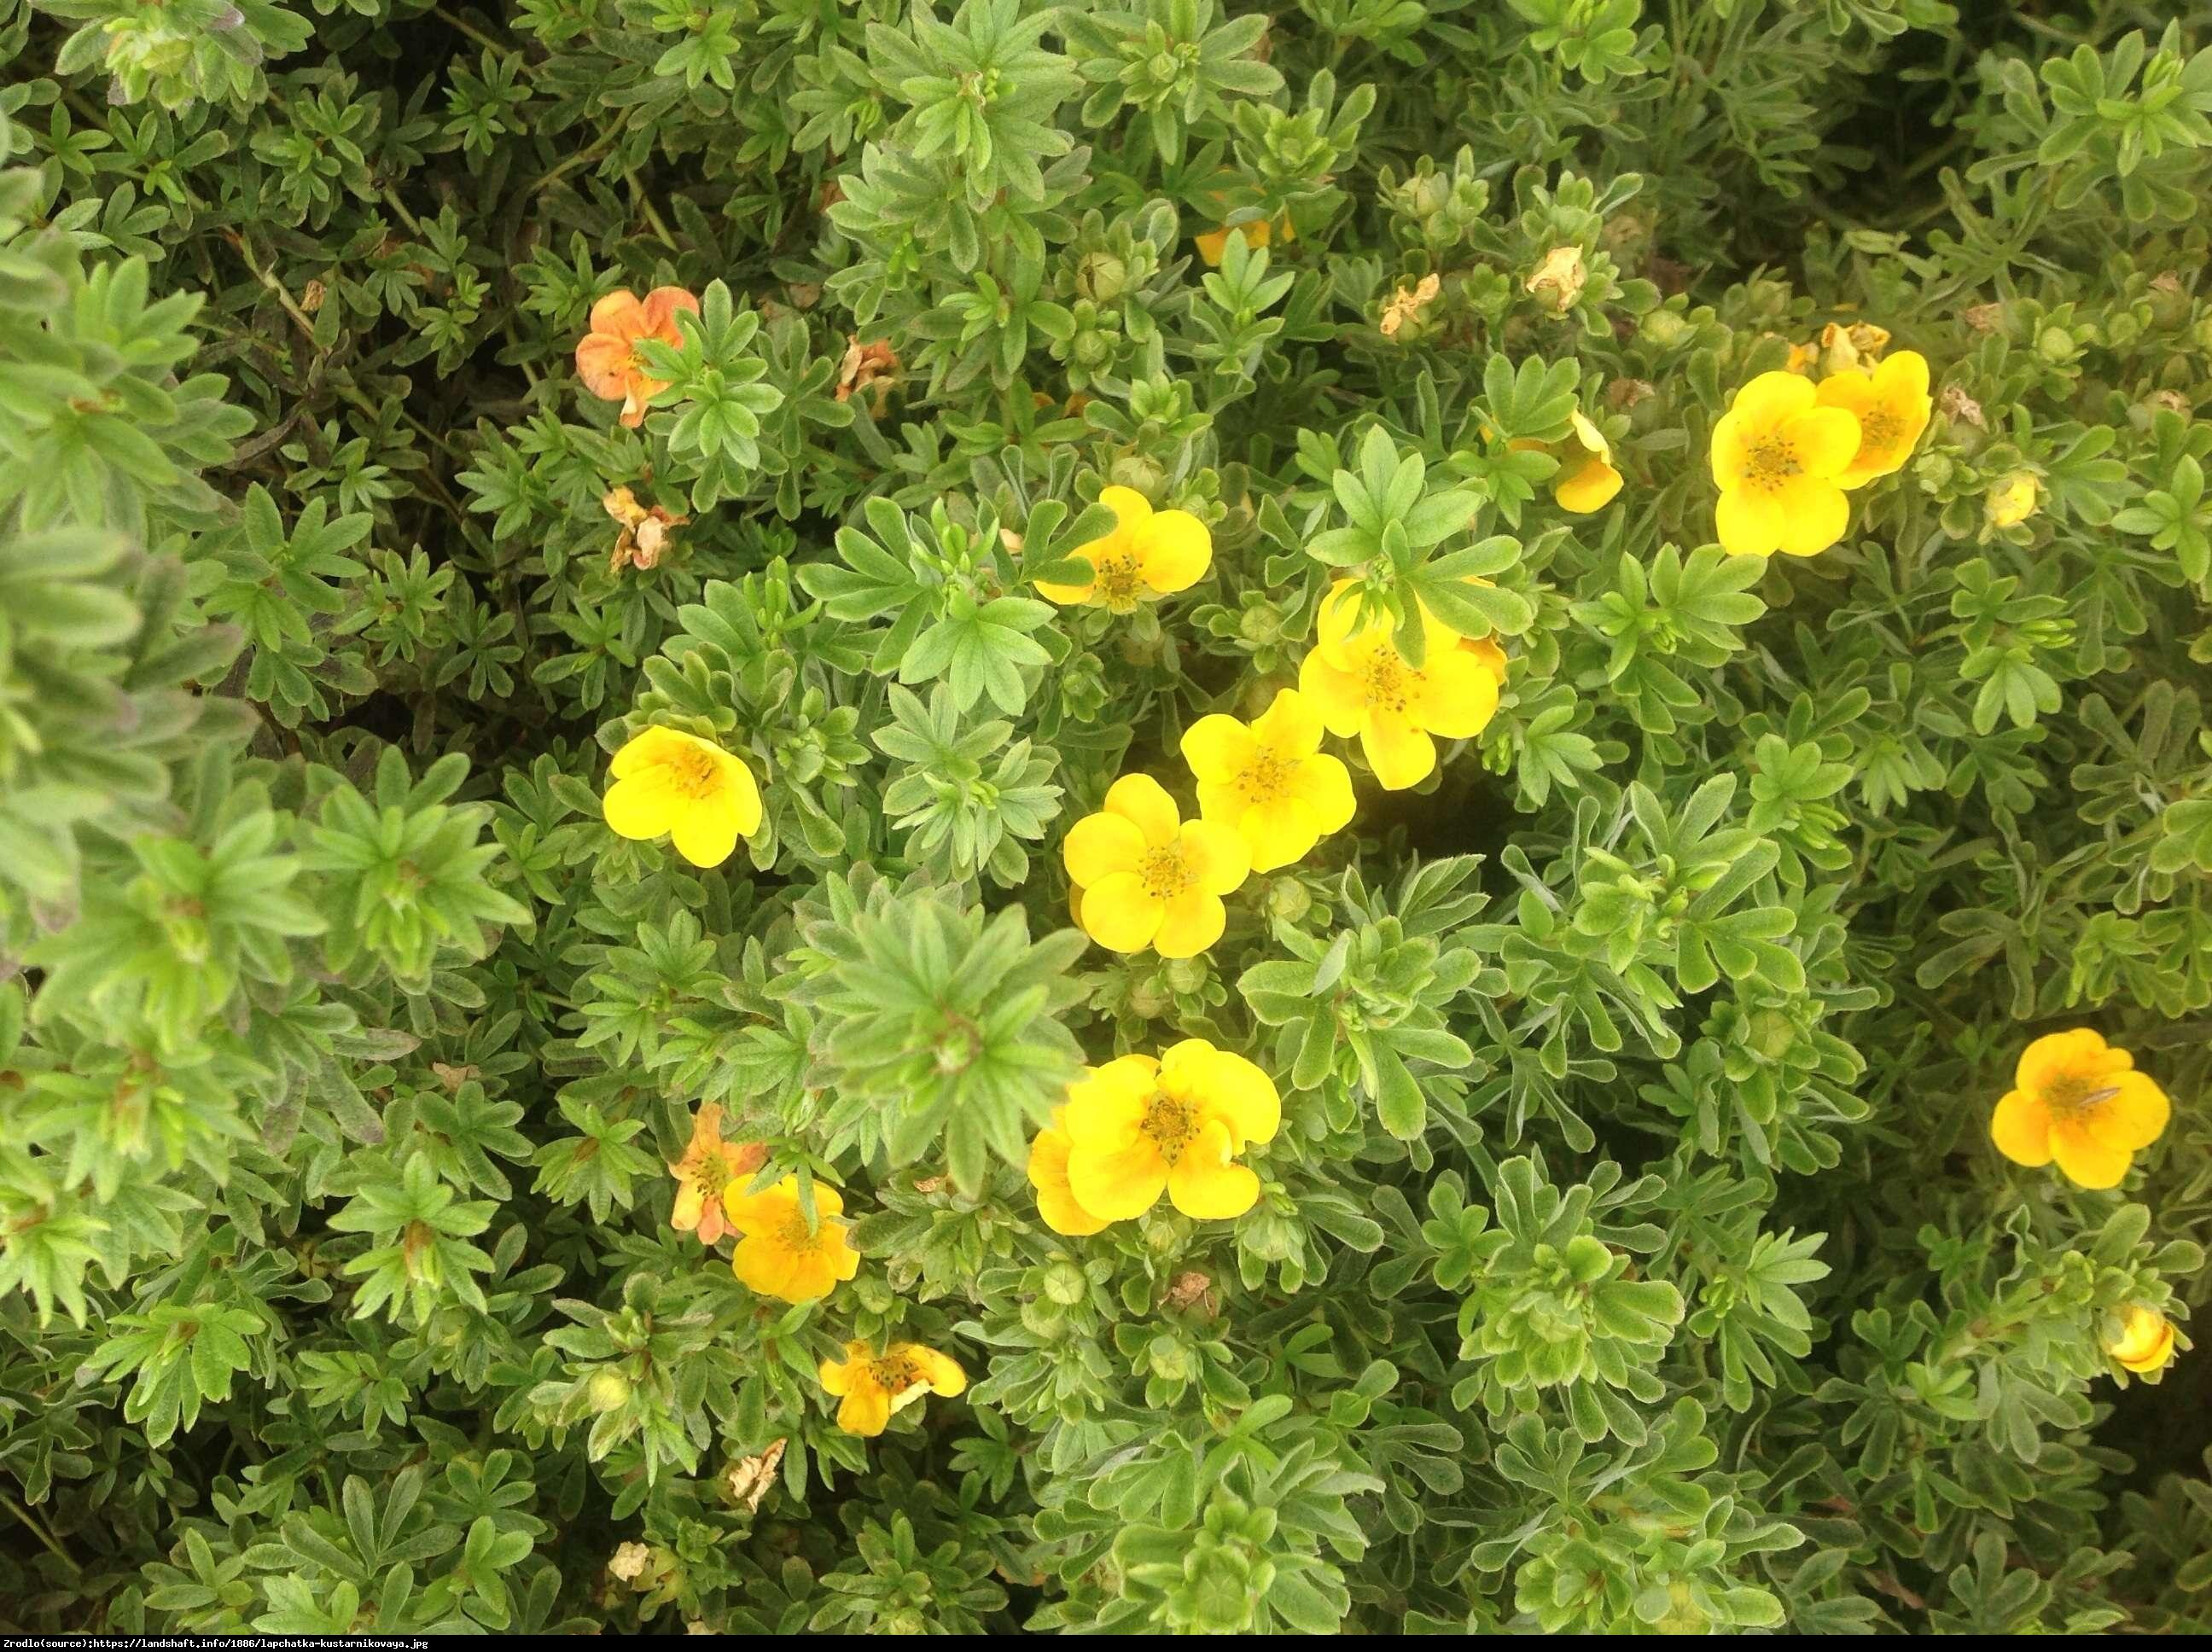 Pięciornik krzewiasty  Annette  - Potentilla fruticosa  Annette